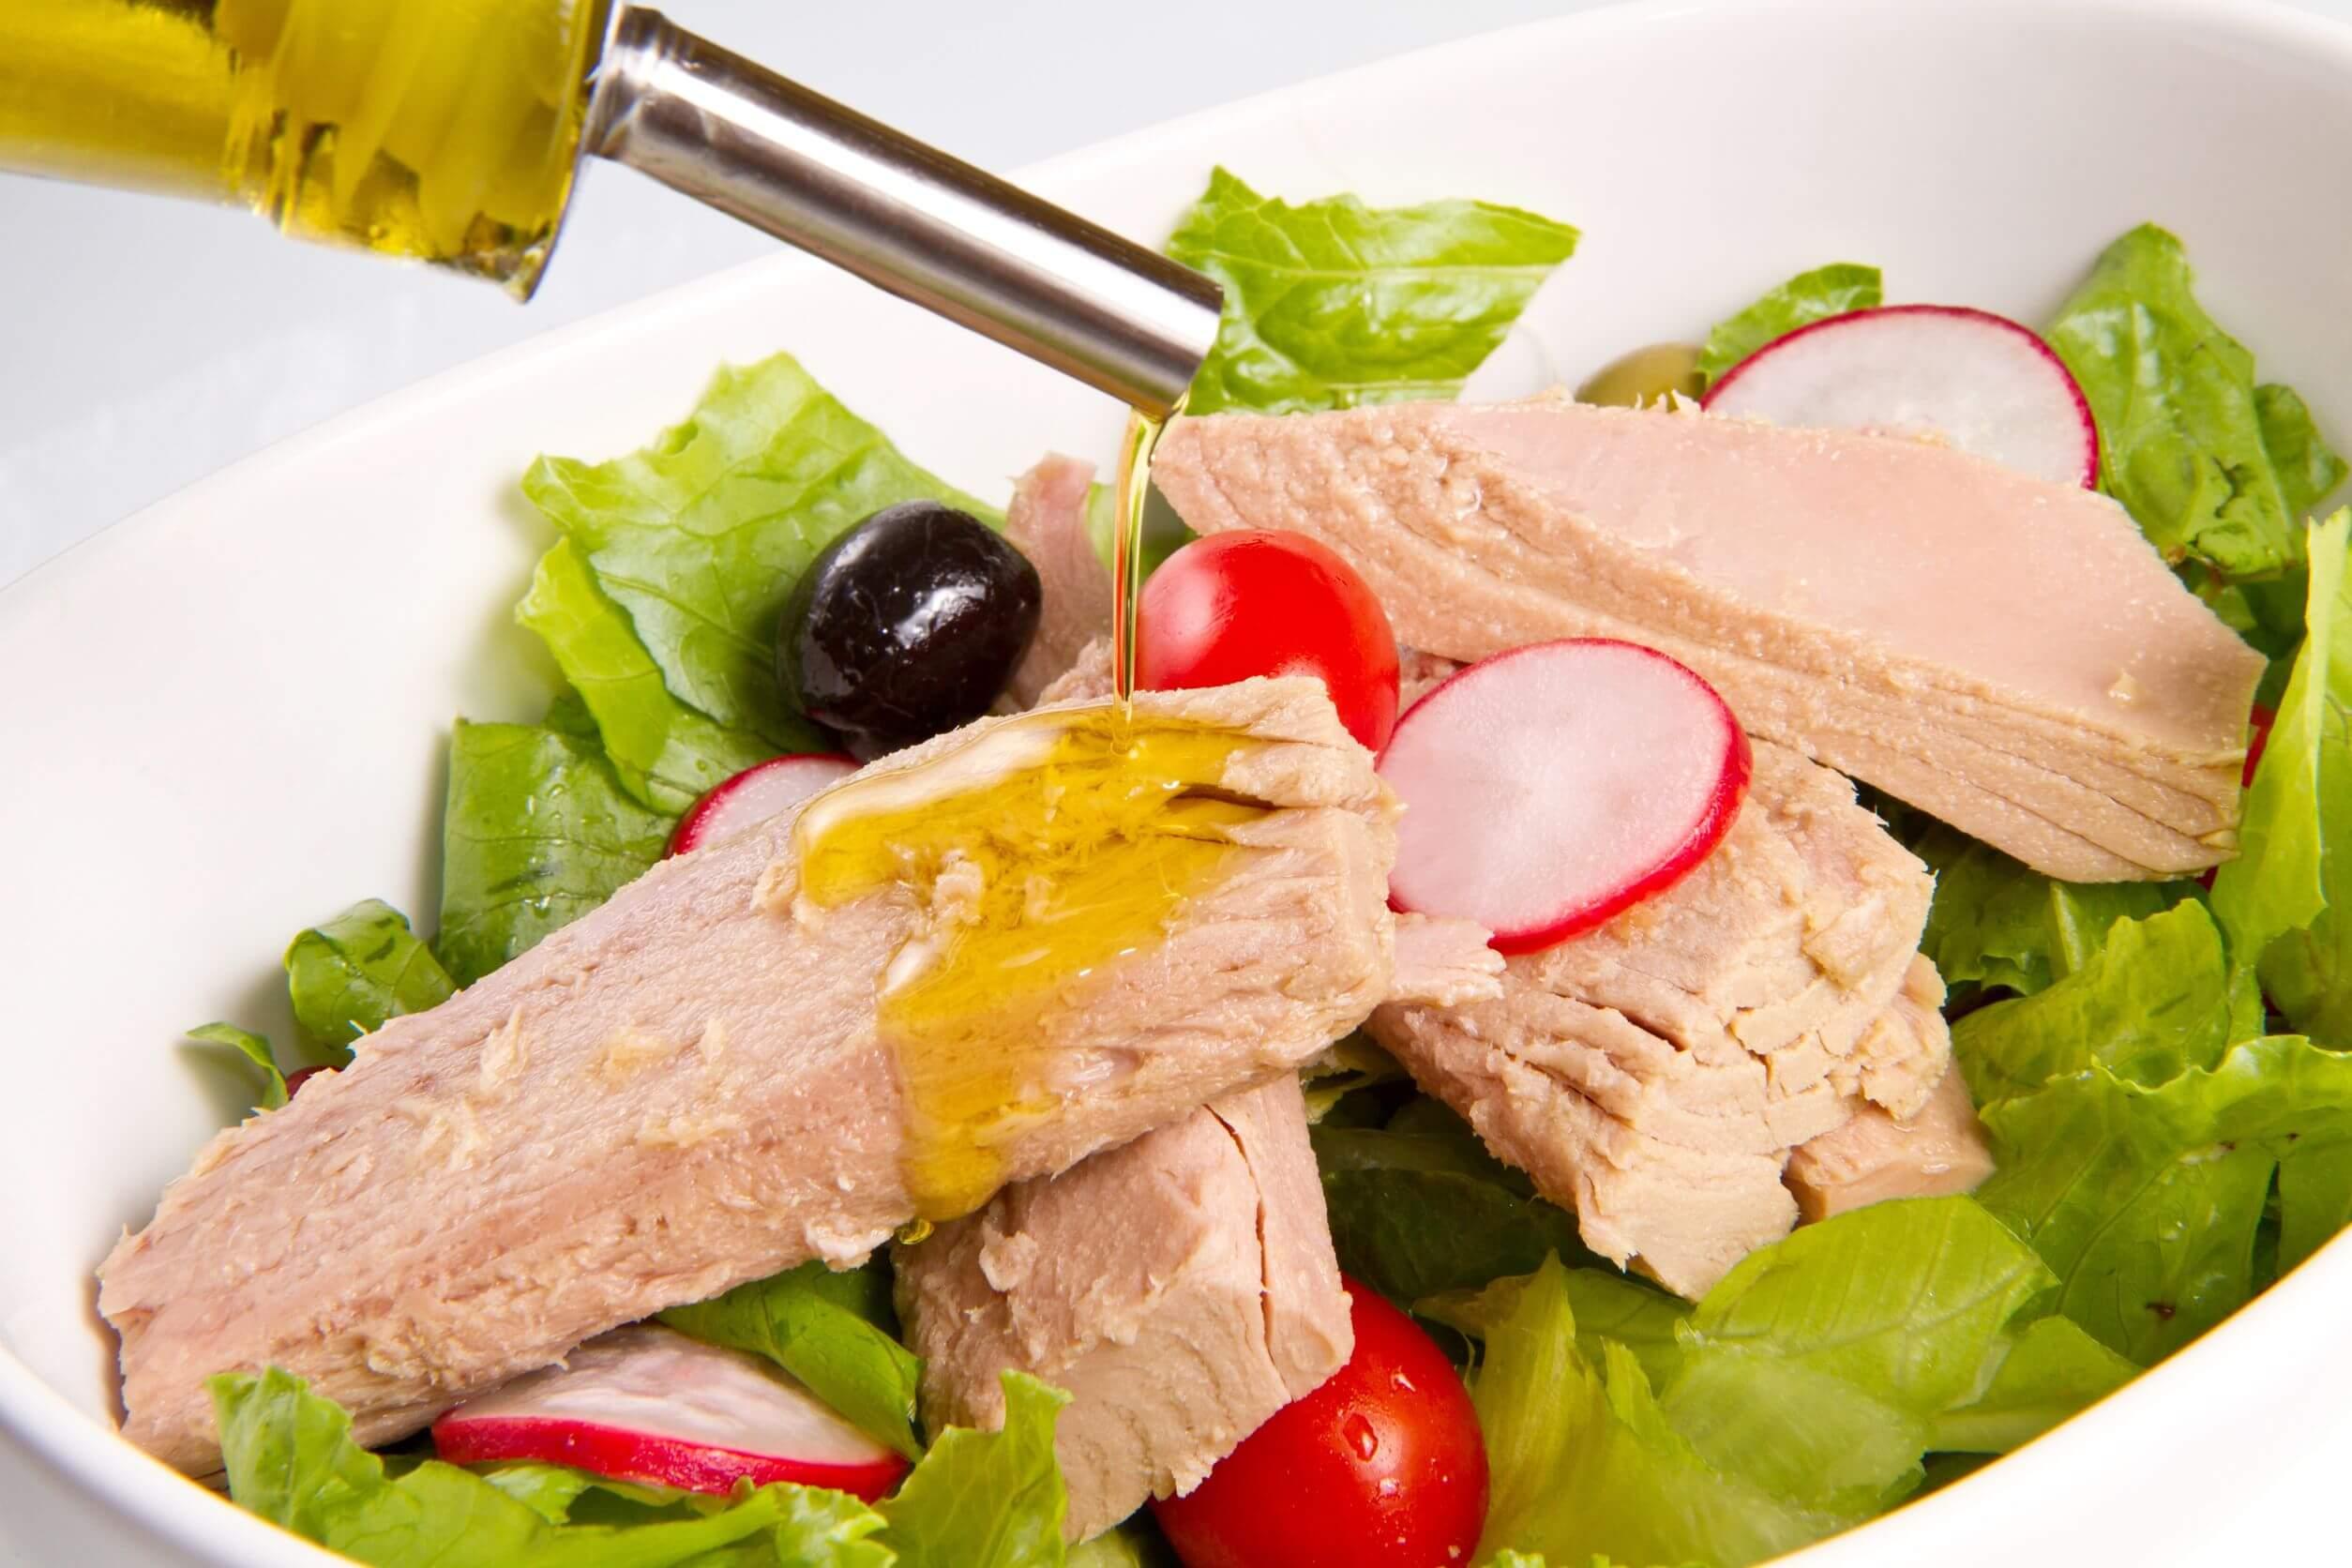 Los triglicéridos en sangre pueden disminuir con una dieta saludable.